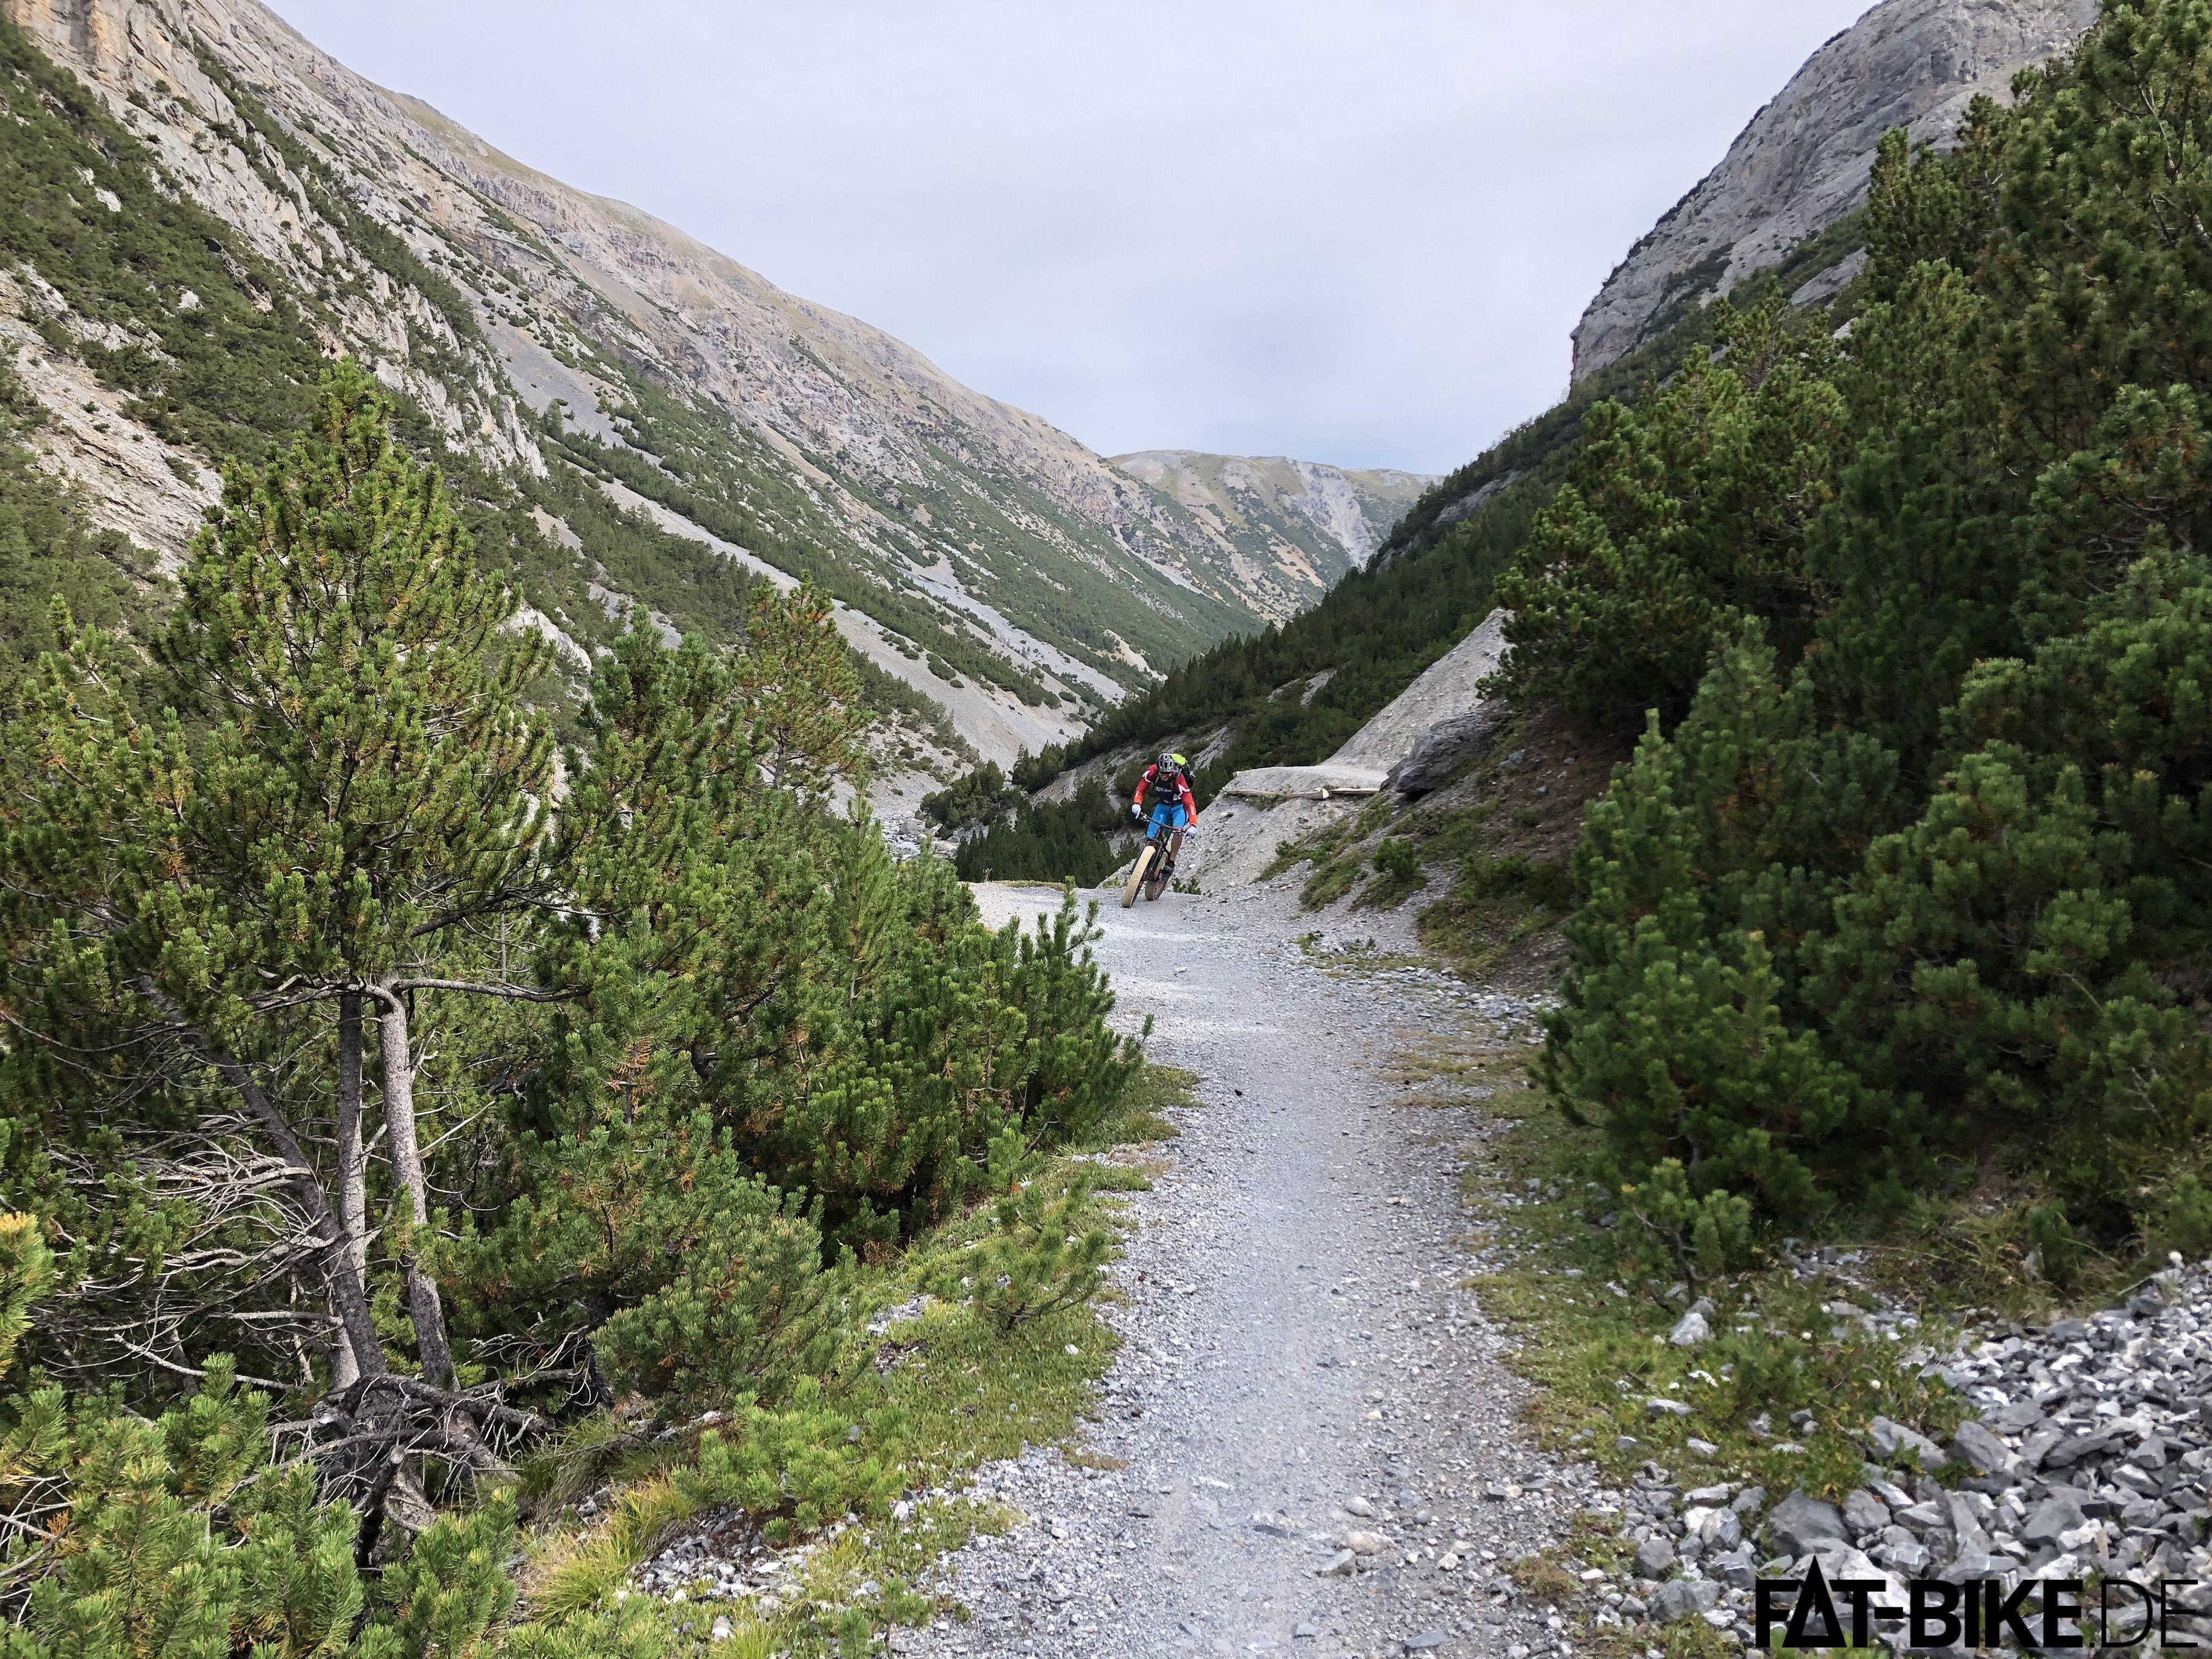 Geschmeidig windet sich der schottrige Trail durch das Tal